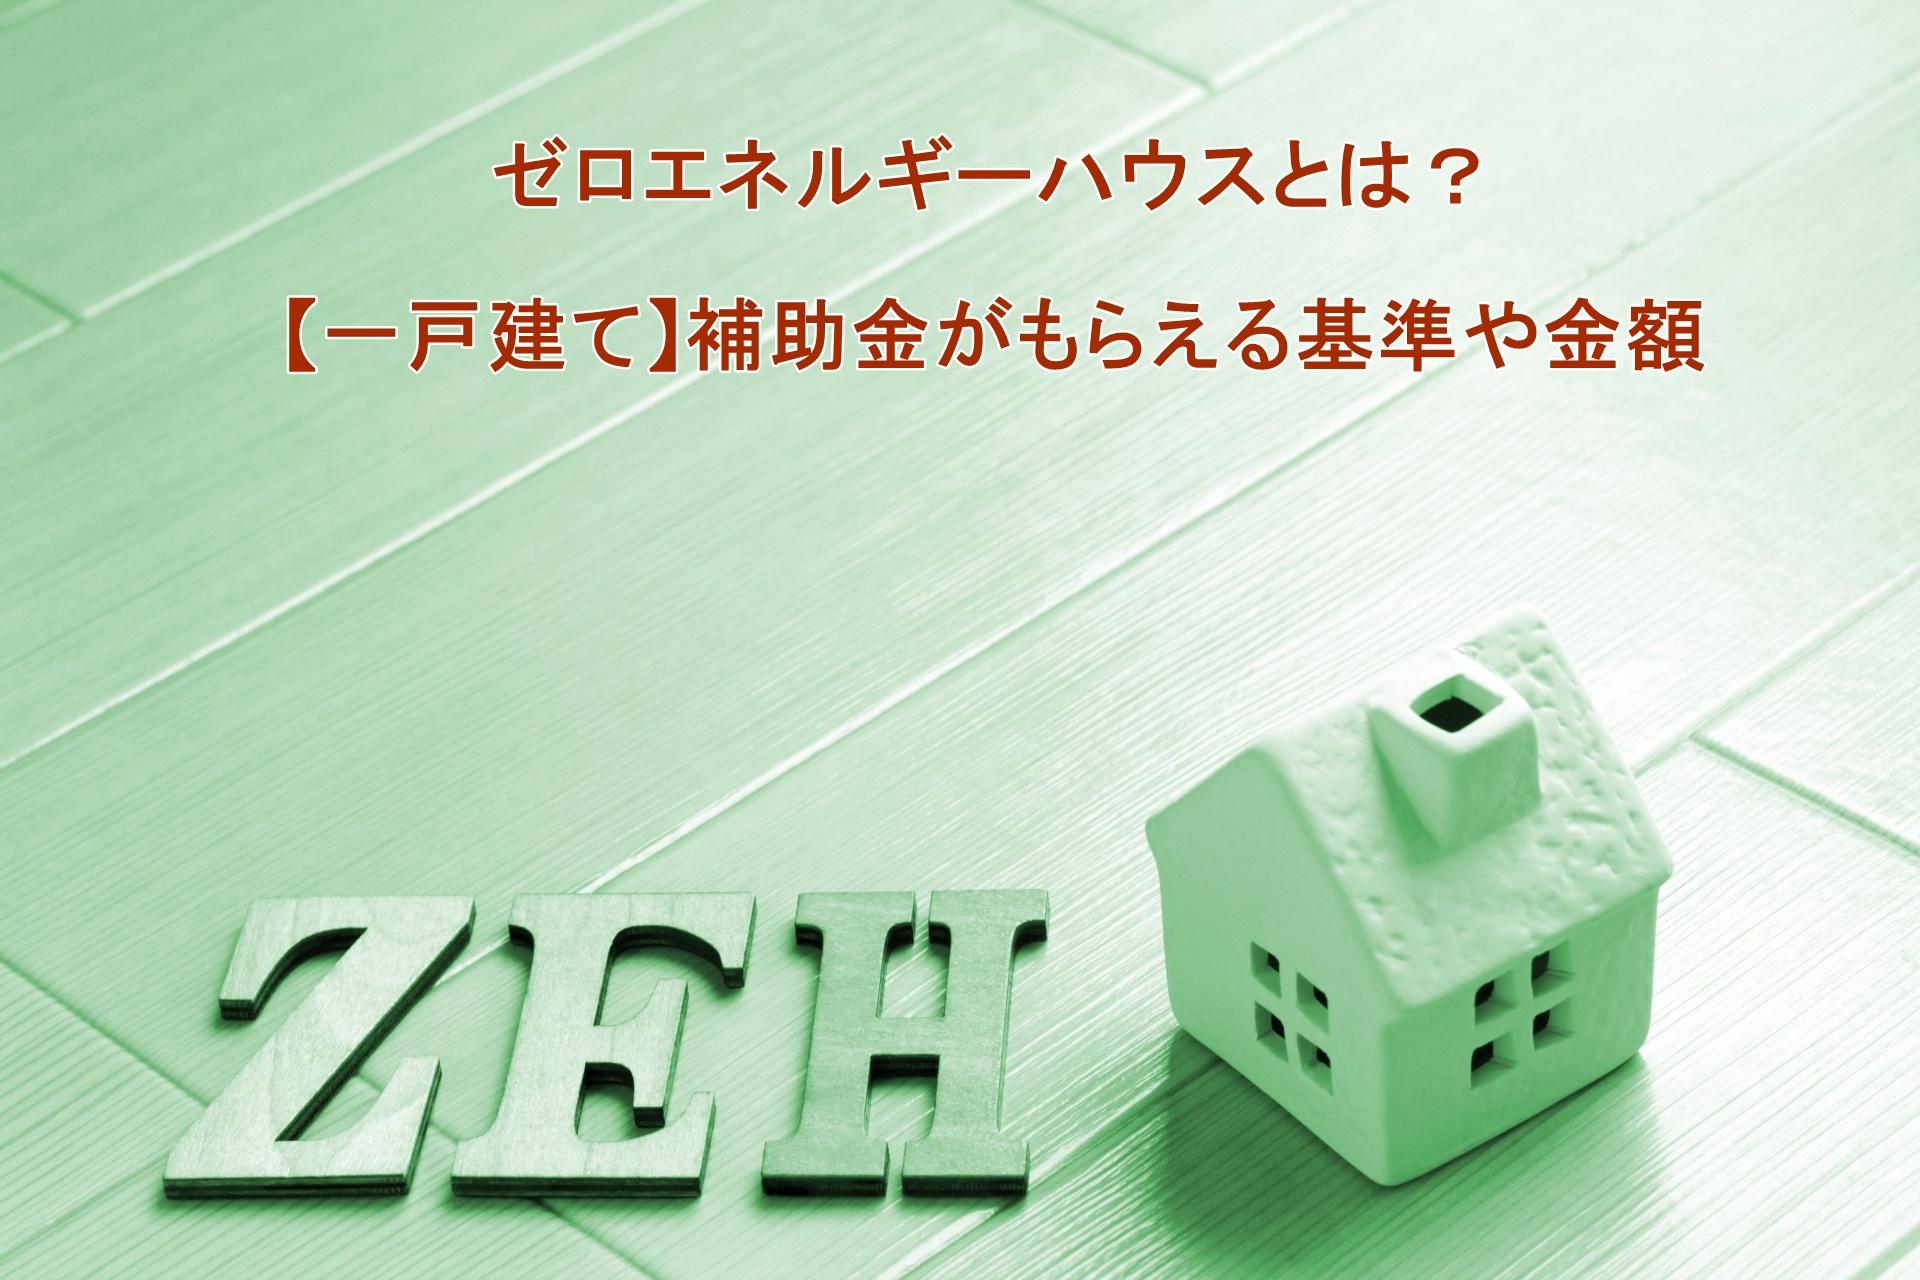 【ゼロエネルギーハウスとは?】一戸建てで補助金がもらえる基準や金額